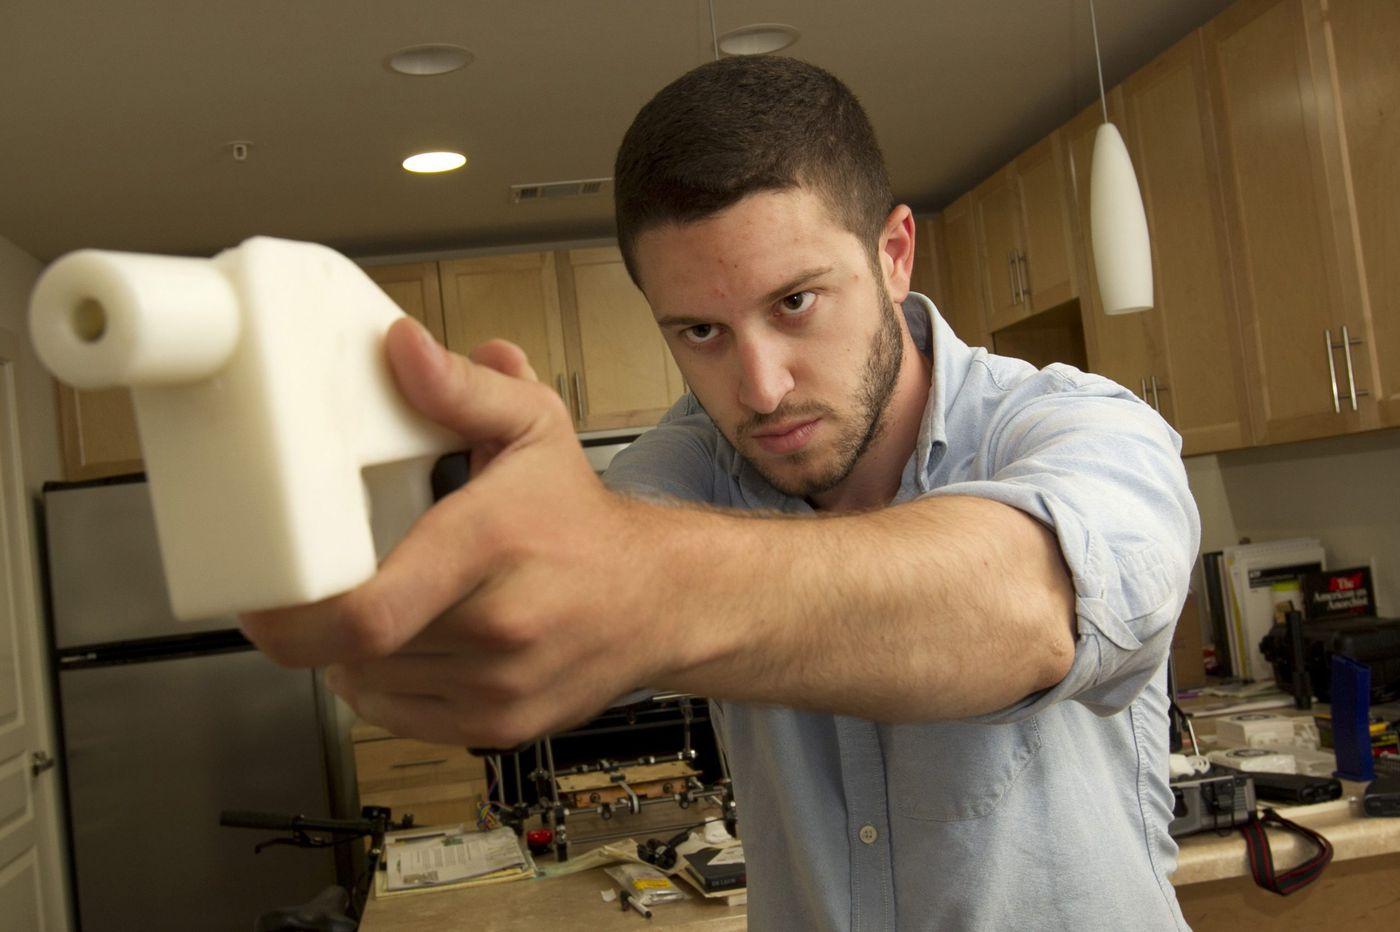 3D-printed gun maker selling his files, circumventing ban